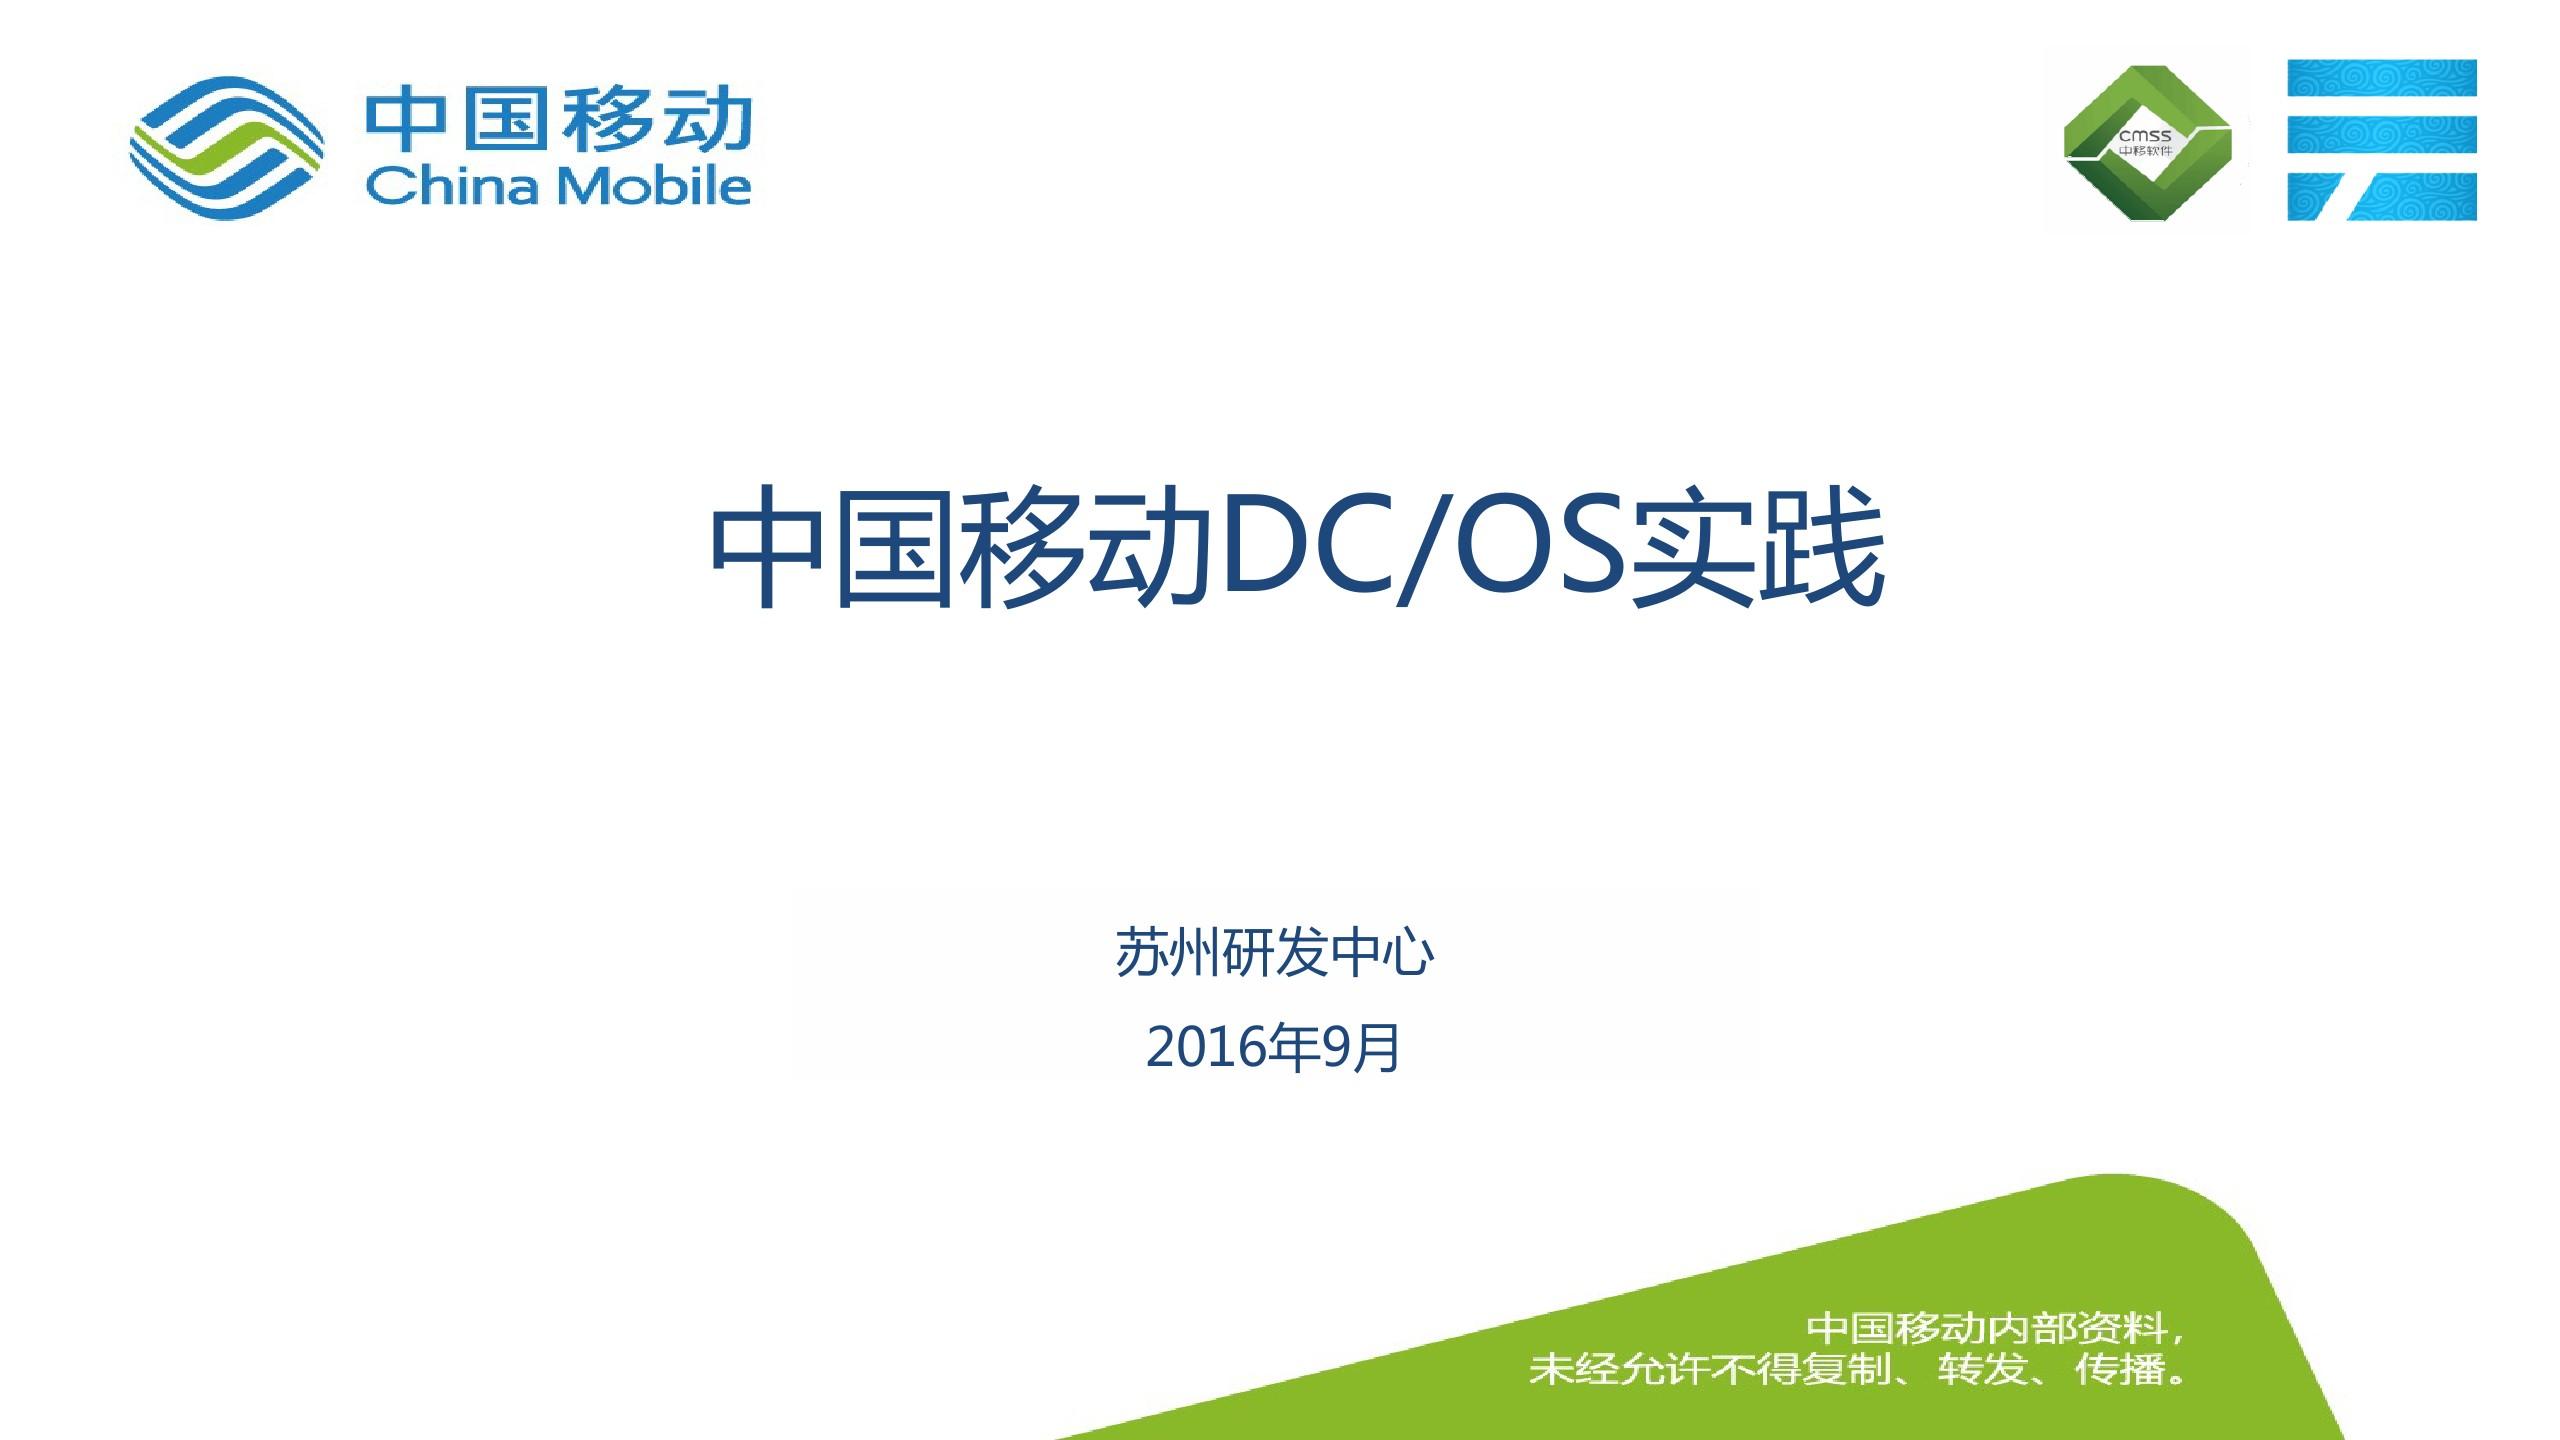 徐军-中国移动DCOS平台研发与运维实践经验总结